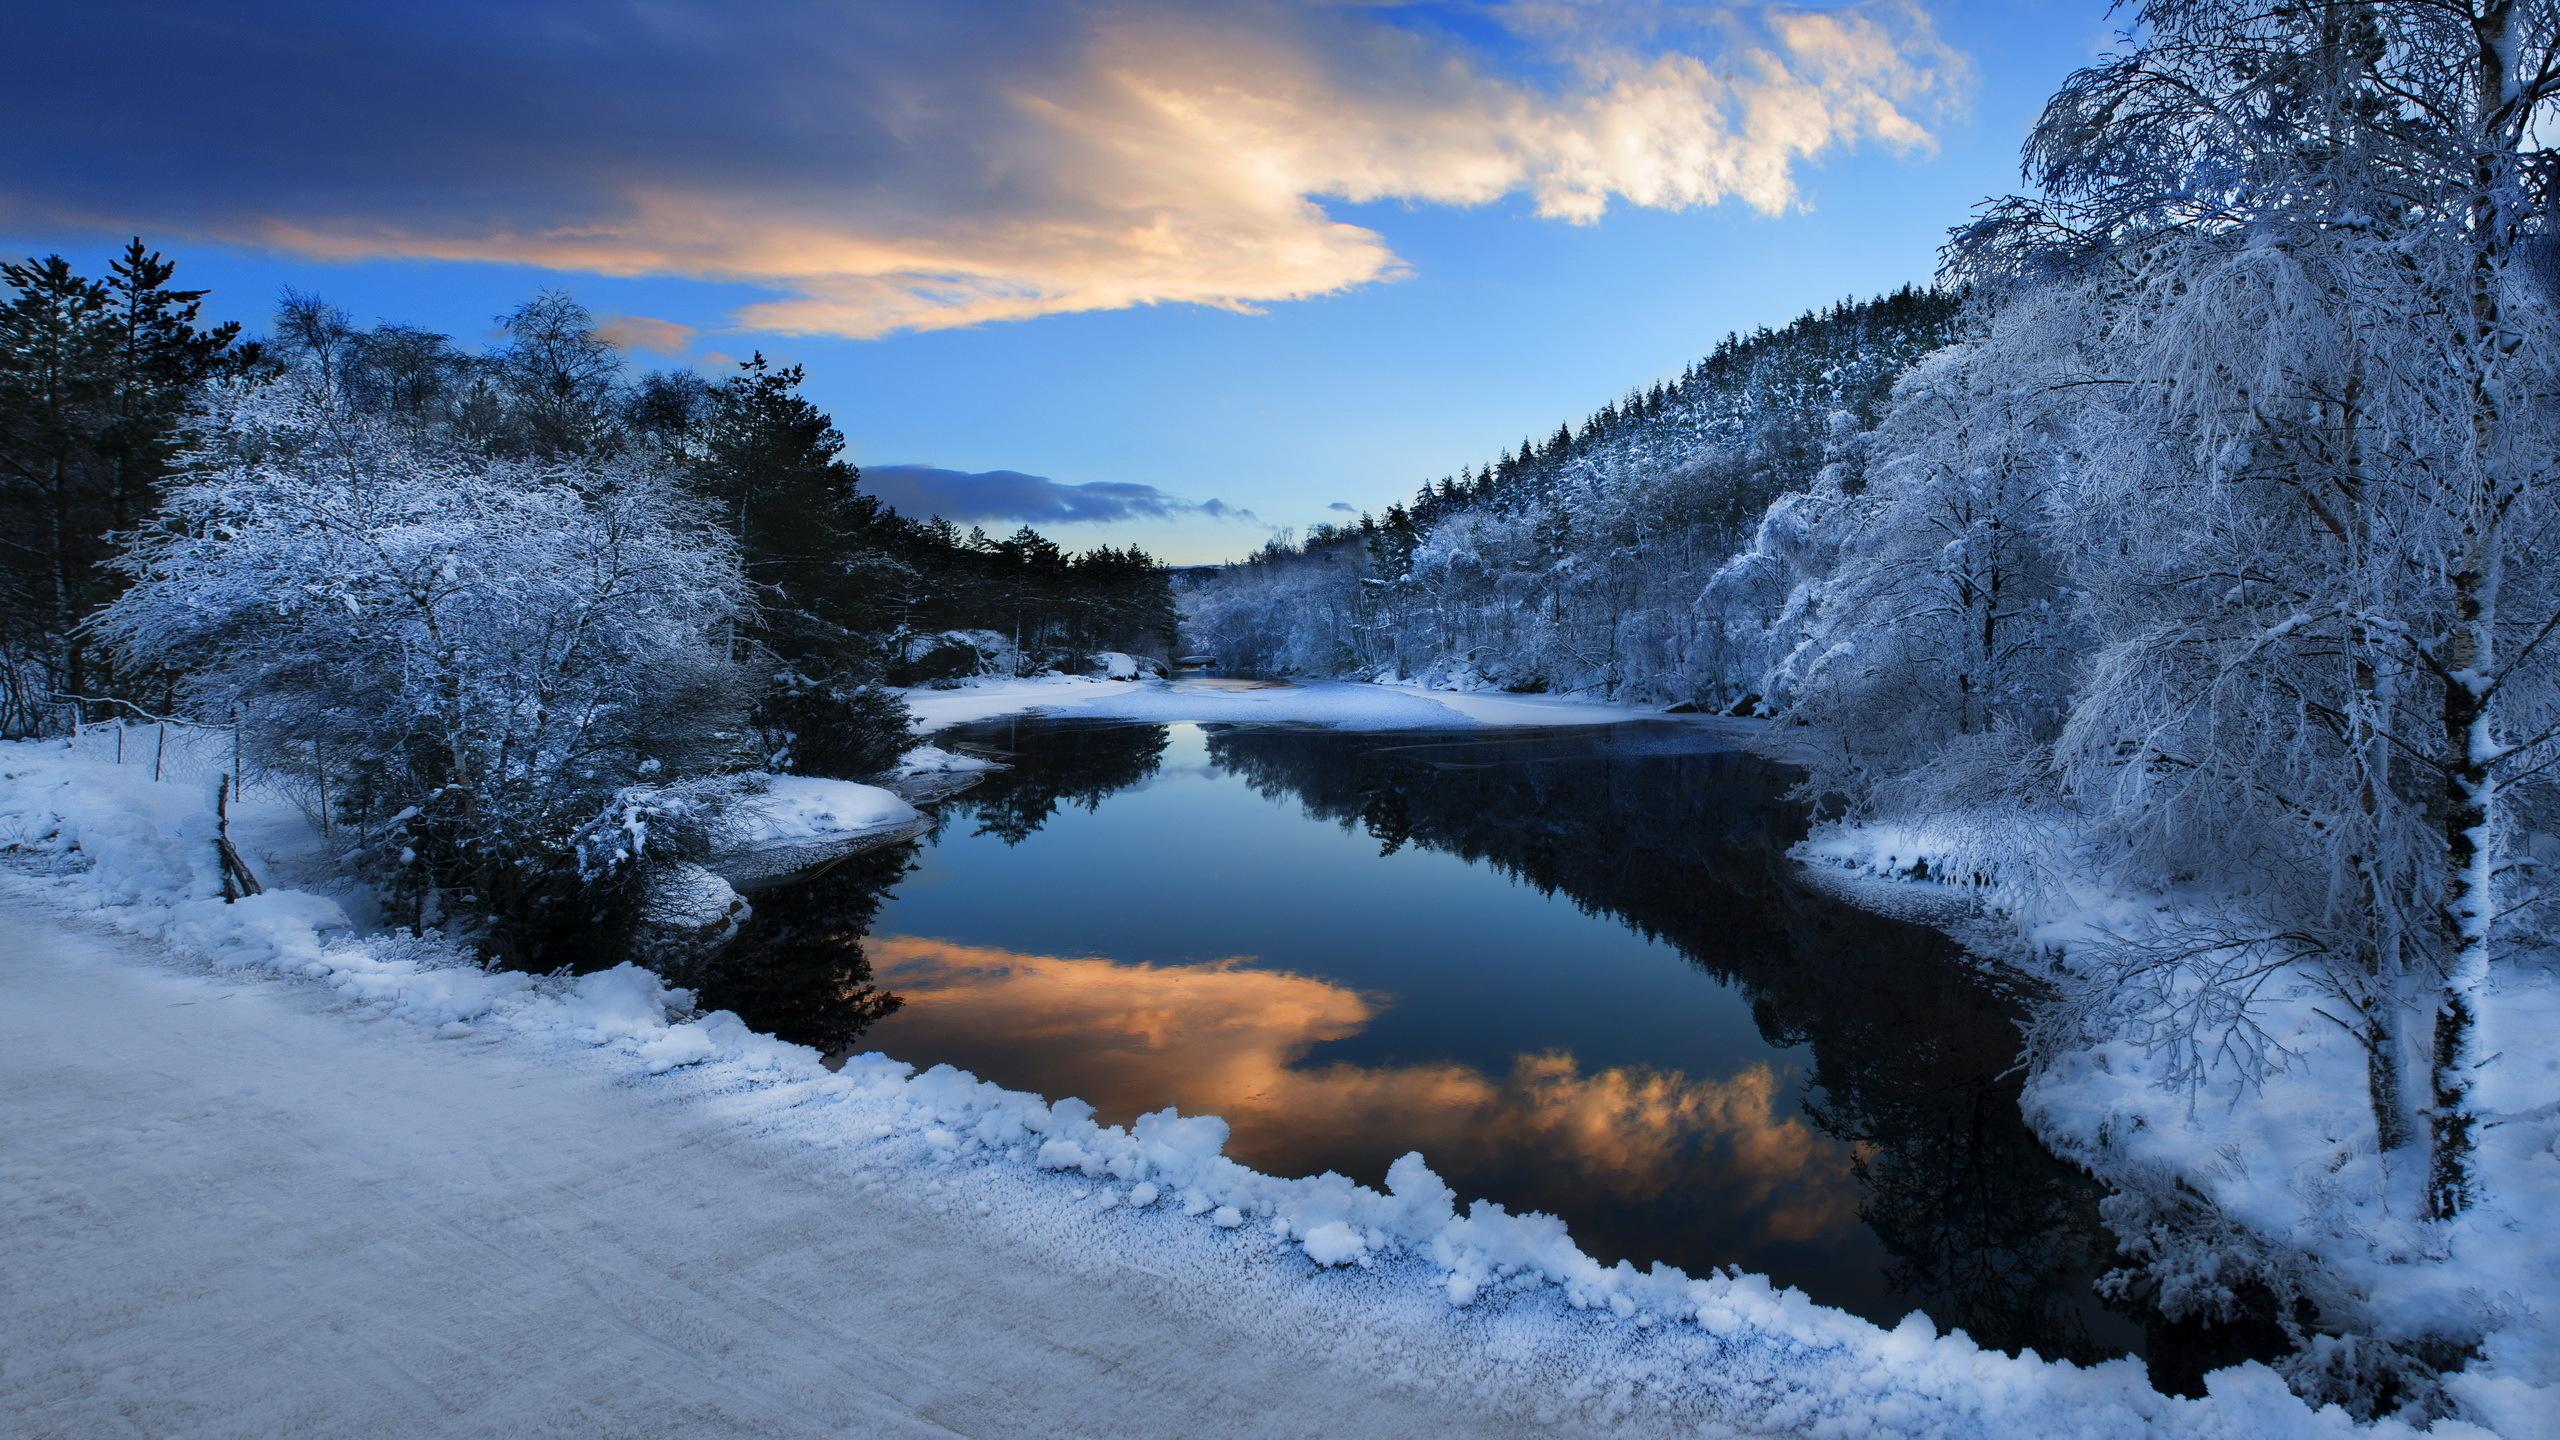 Snow River Winter Landscape 2560x1440